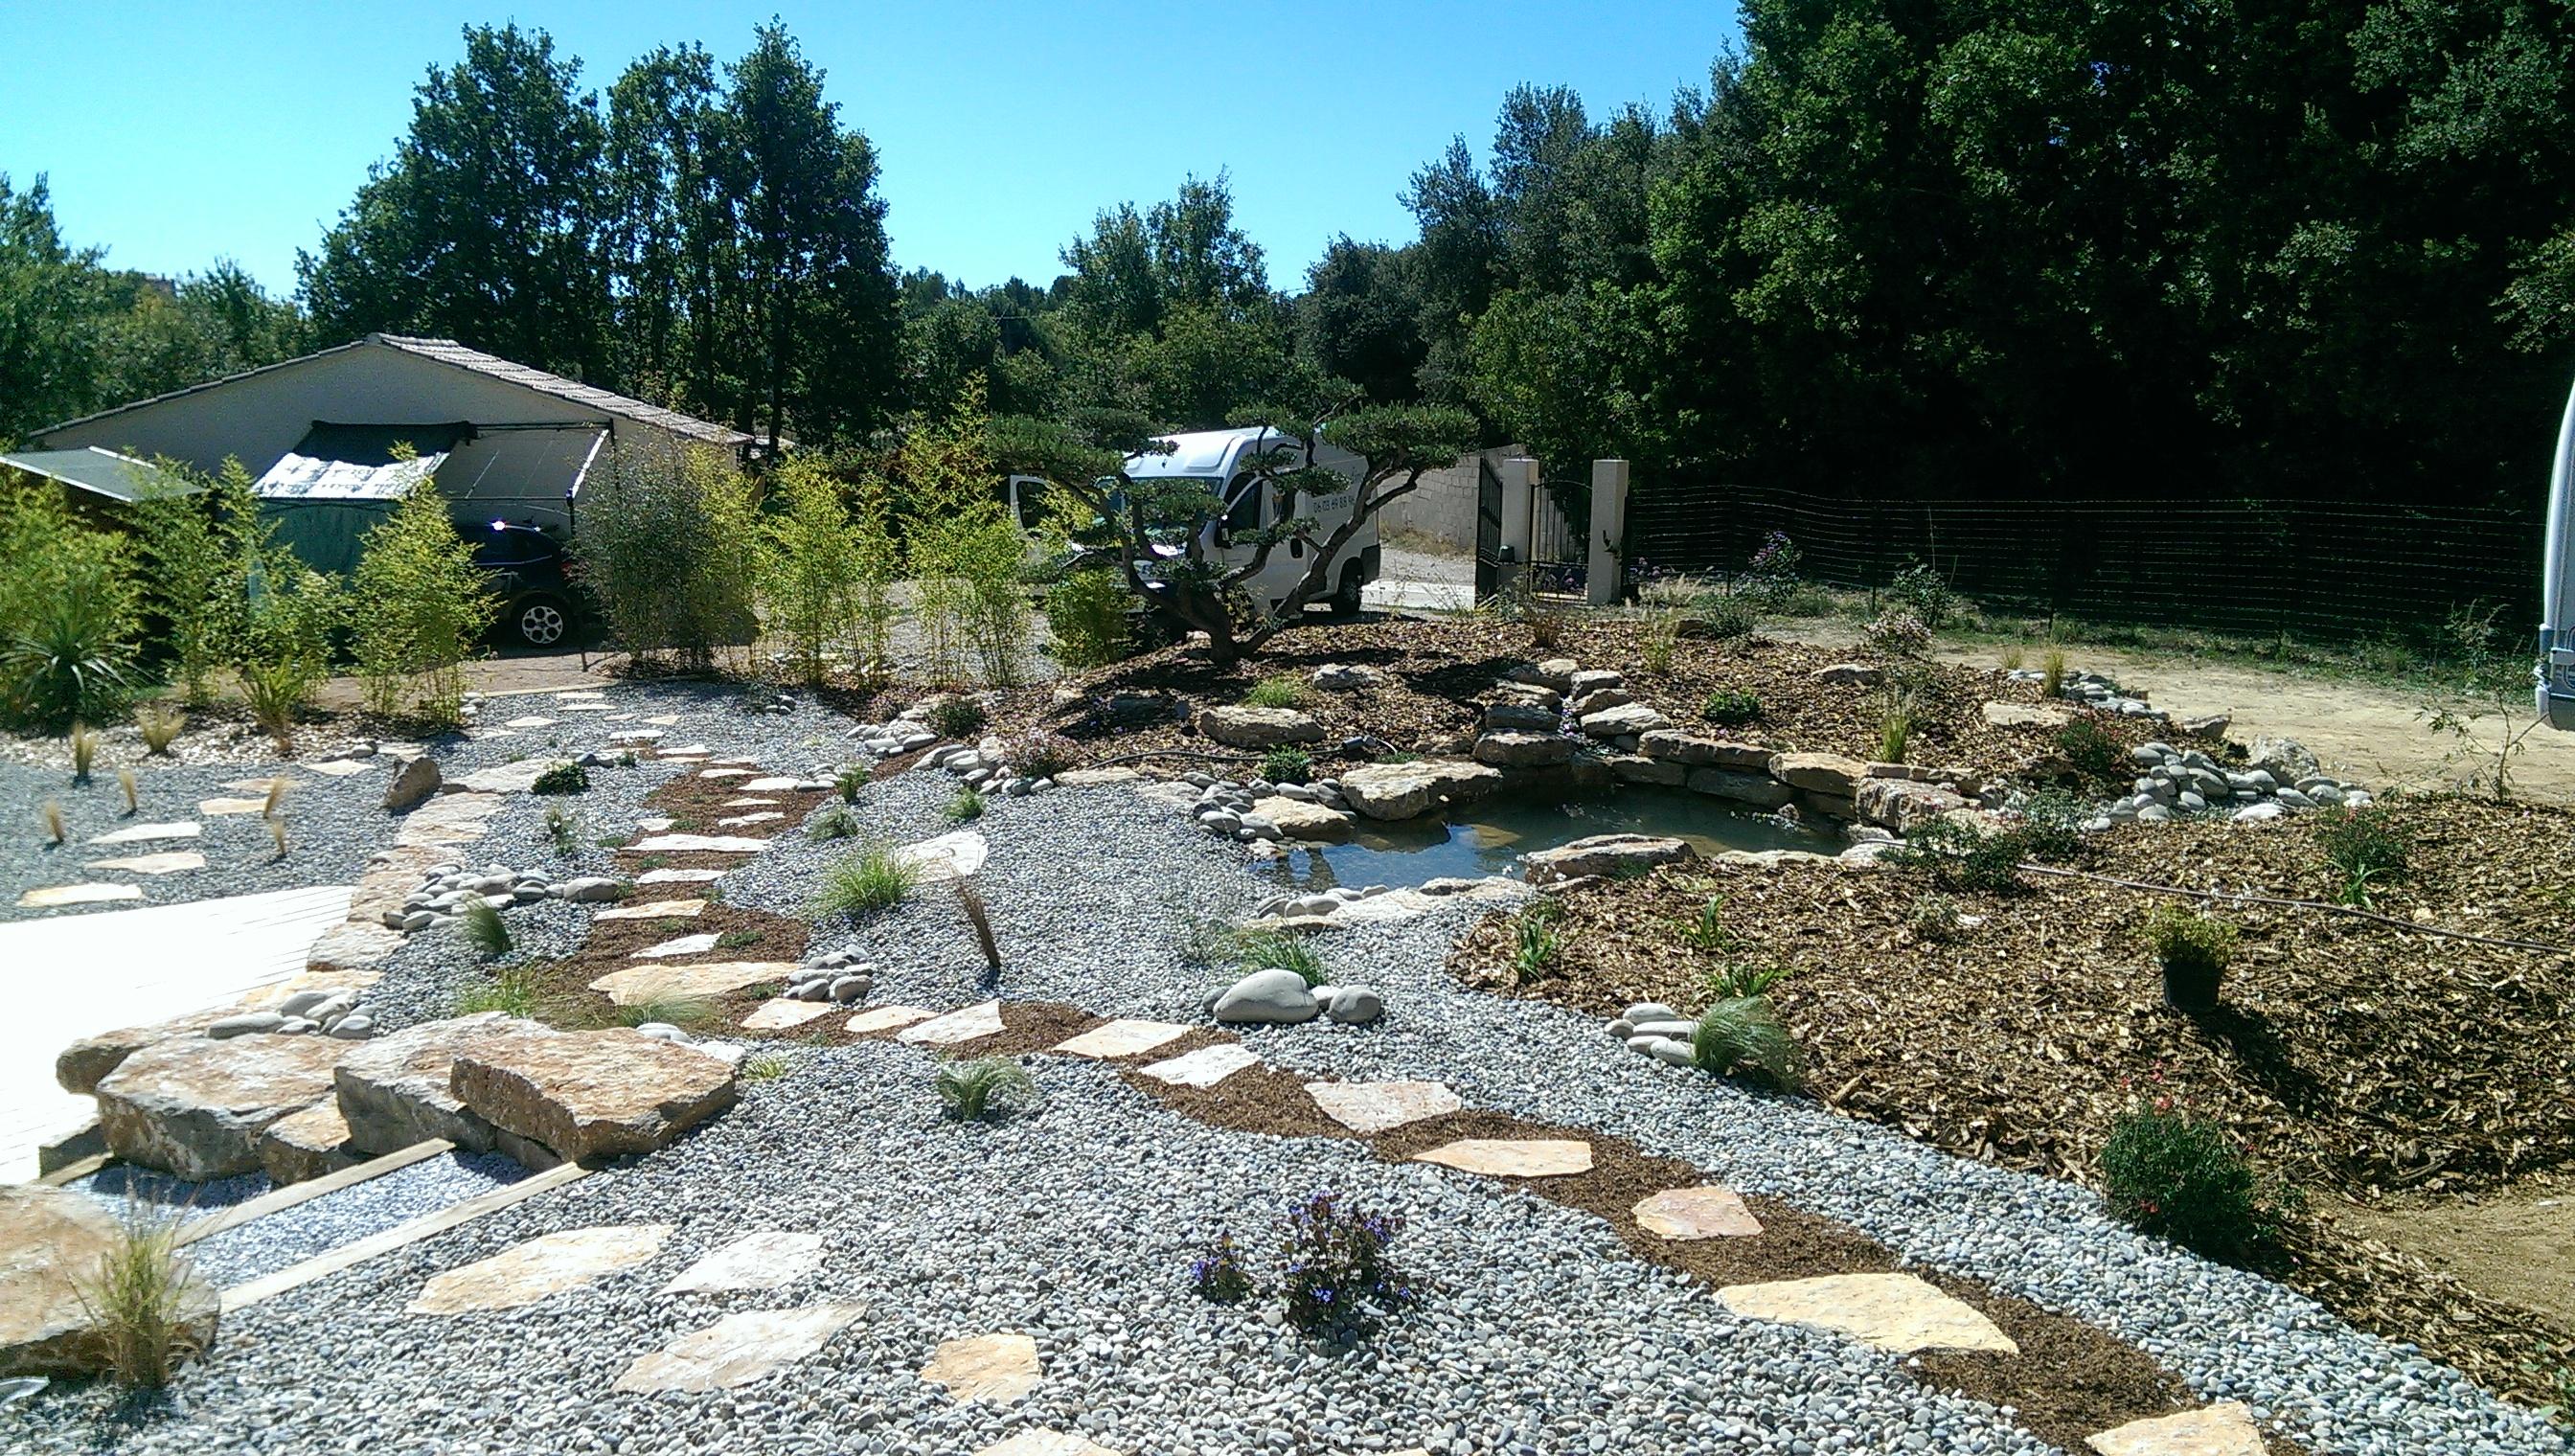 L 39 eau dans le jardin cr ation de jardins brignoles var for Bricoler dans le jardin